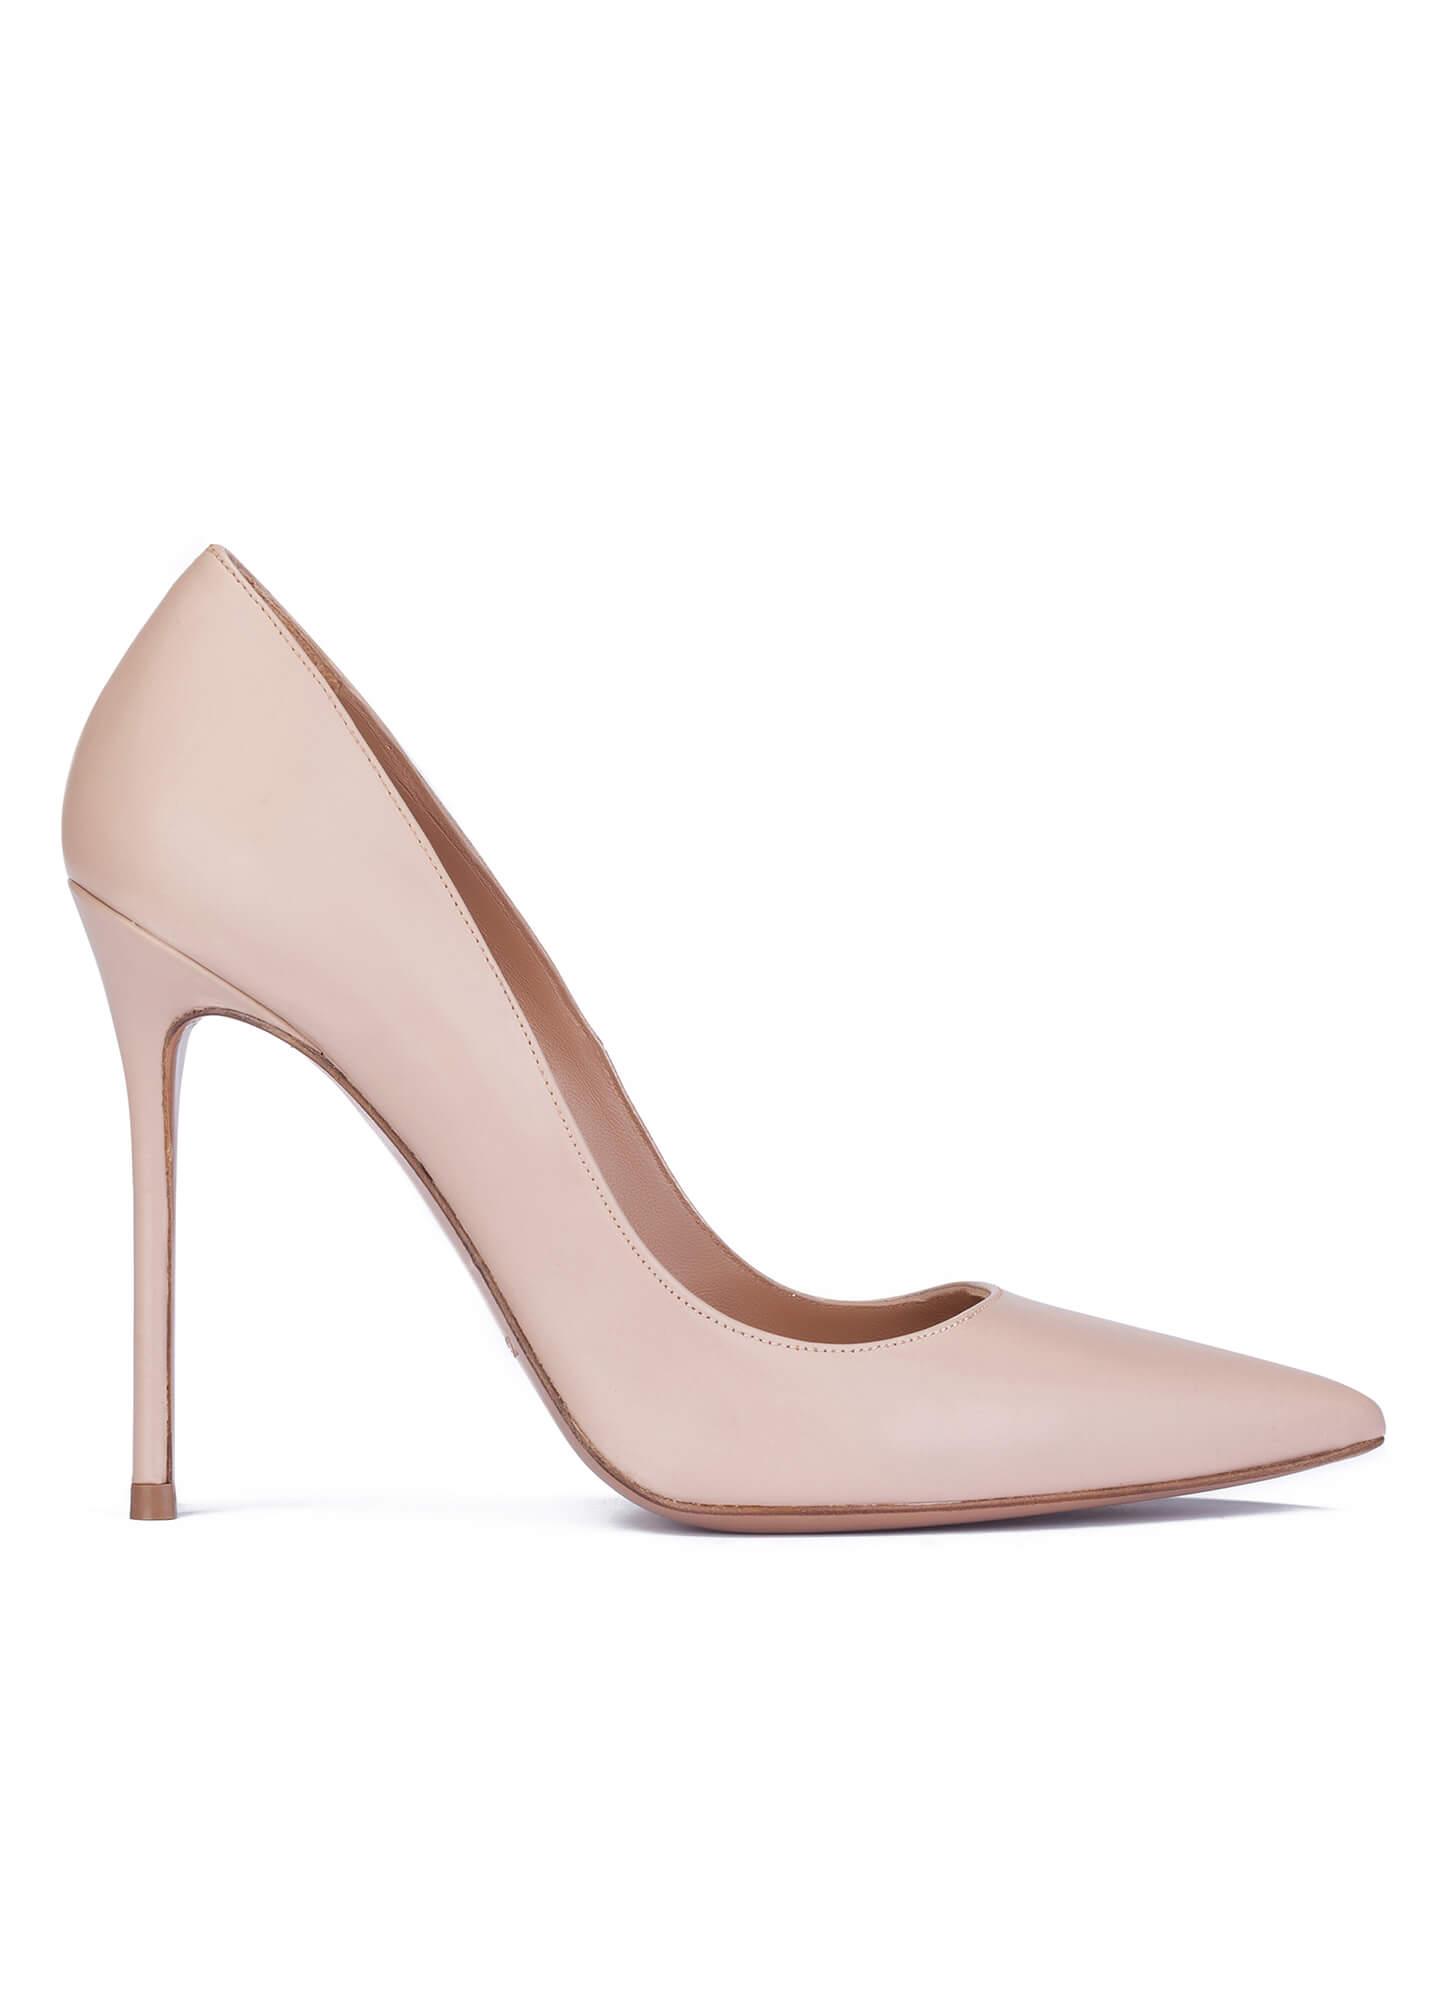 8cb40619811 Zapatos de salón en piel nude - tienda de zapatos Pura López . PURA ...